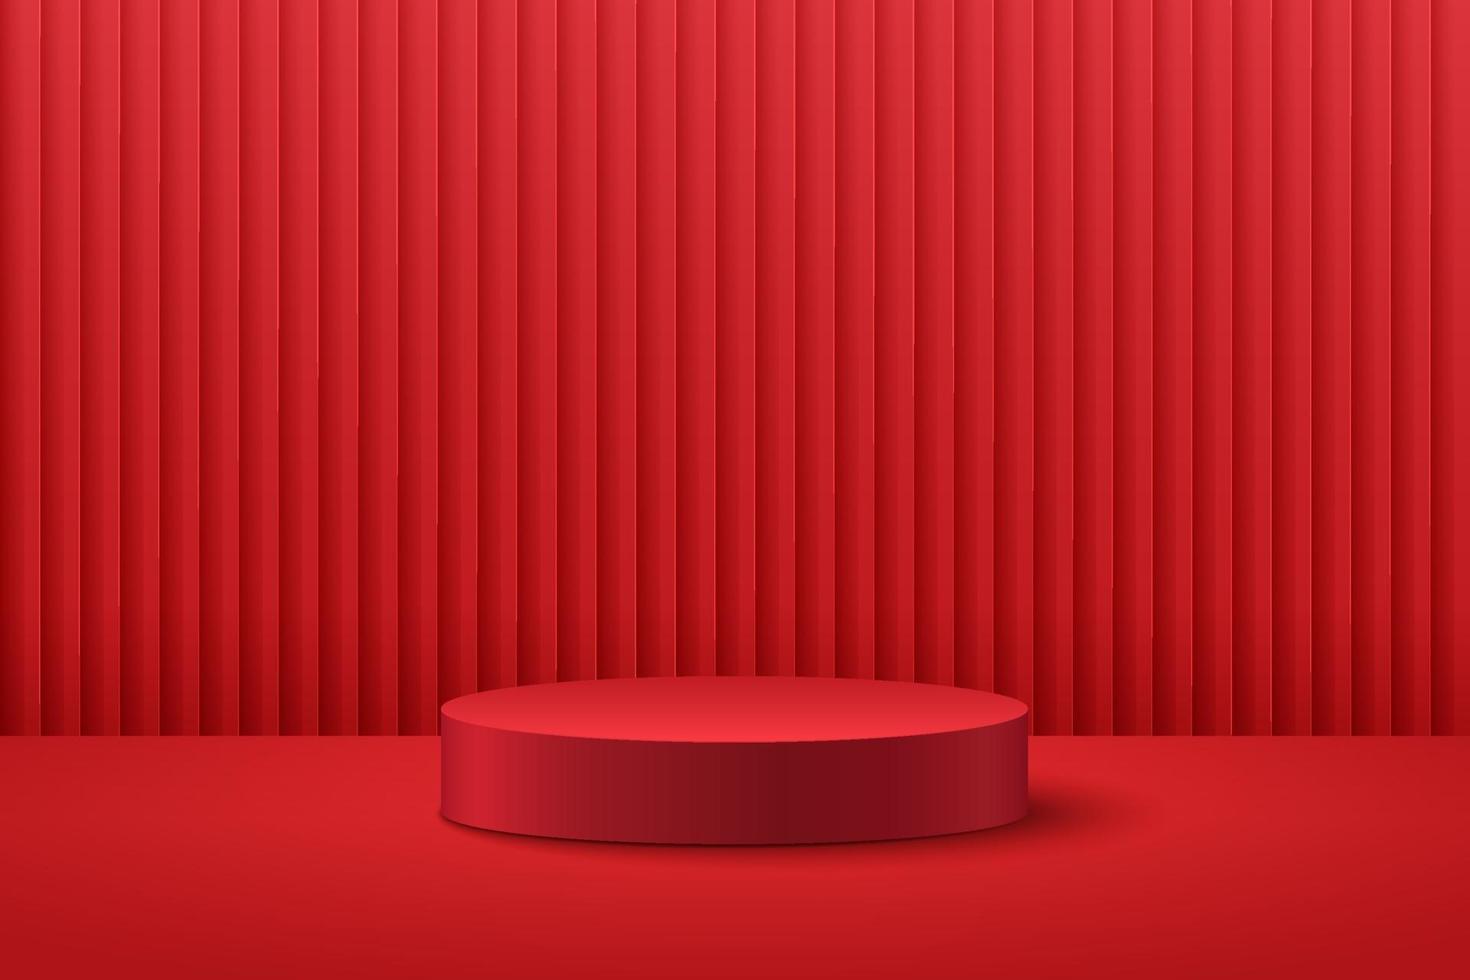 display rotondo astratto per prodotto sul sito Web dal design moderno. rendering di sfondo con podio e scena della parete di struttura della tenda rossa minima, forma geometrica di rendering 3d colore rosso scuro. concetto orientale. vettore